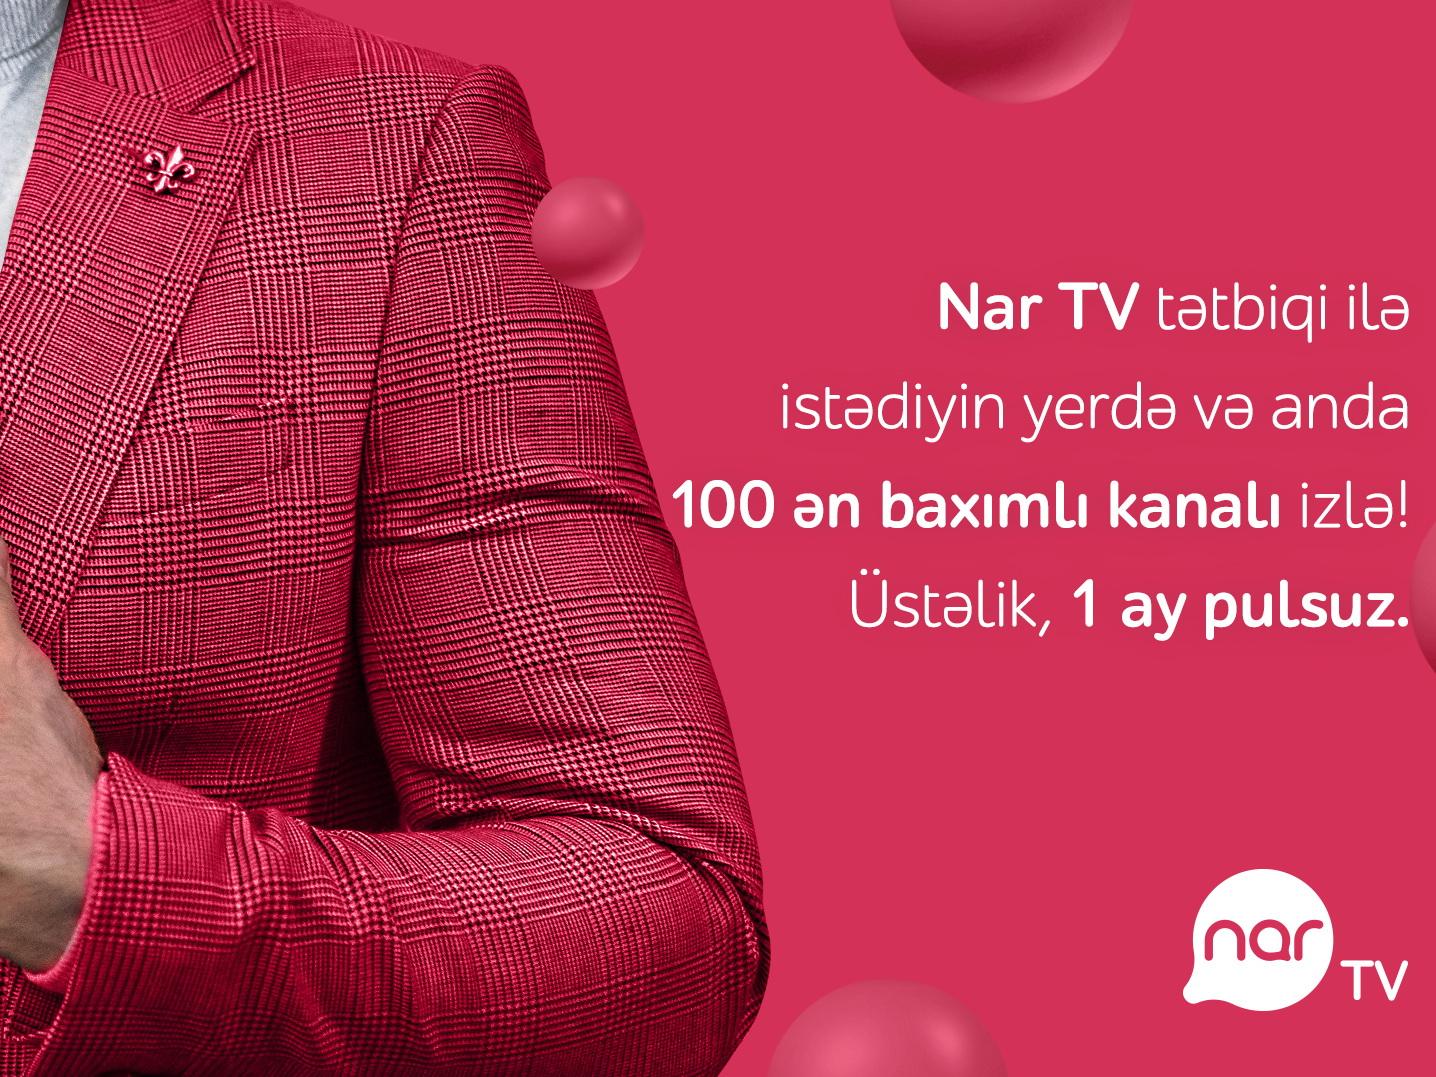 Загрузите приложение Nar TV и смотрите свои любимые каналы на смартфоне